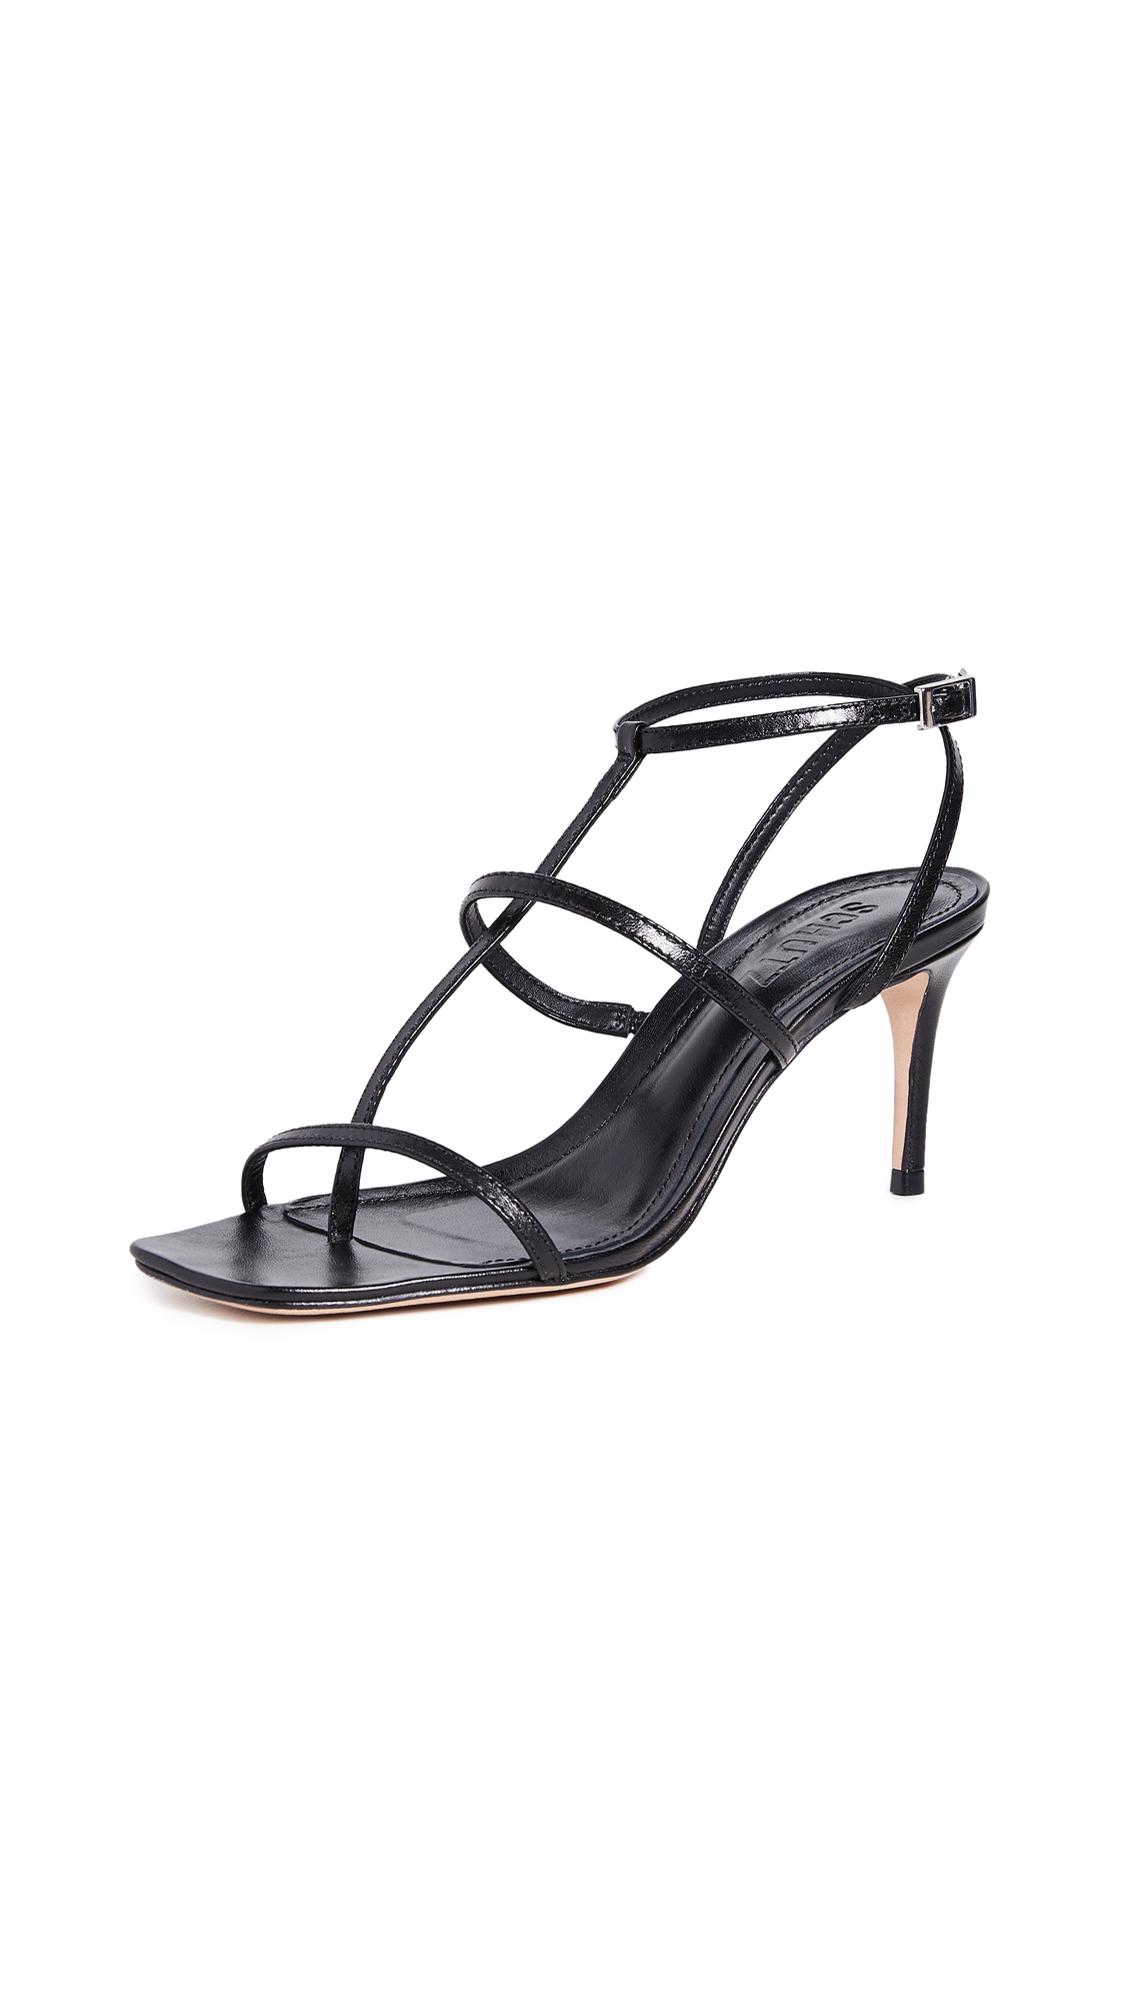 Buy Schutz Ameena Sandals online, shop Schutz